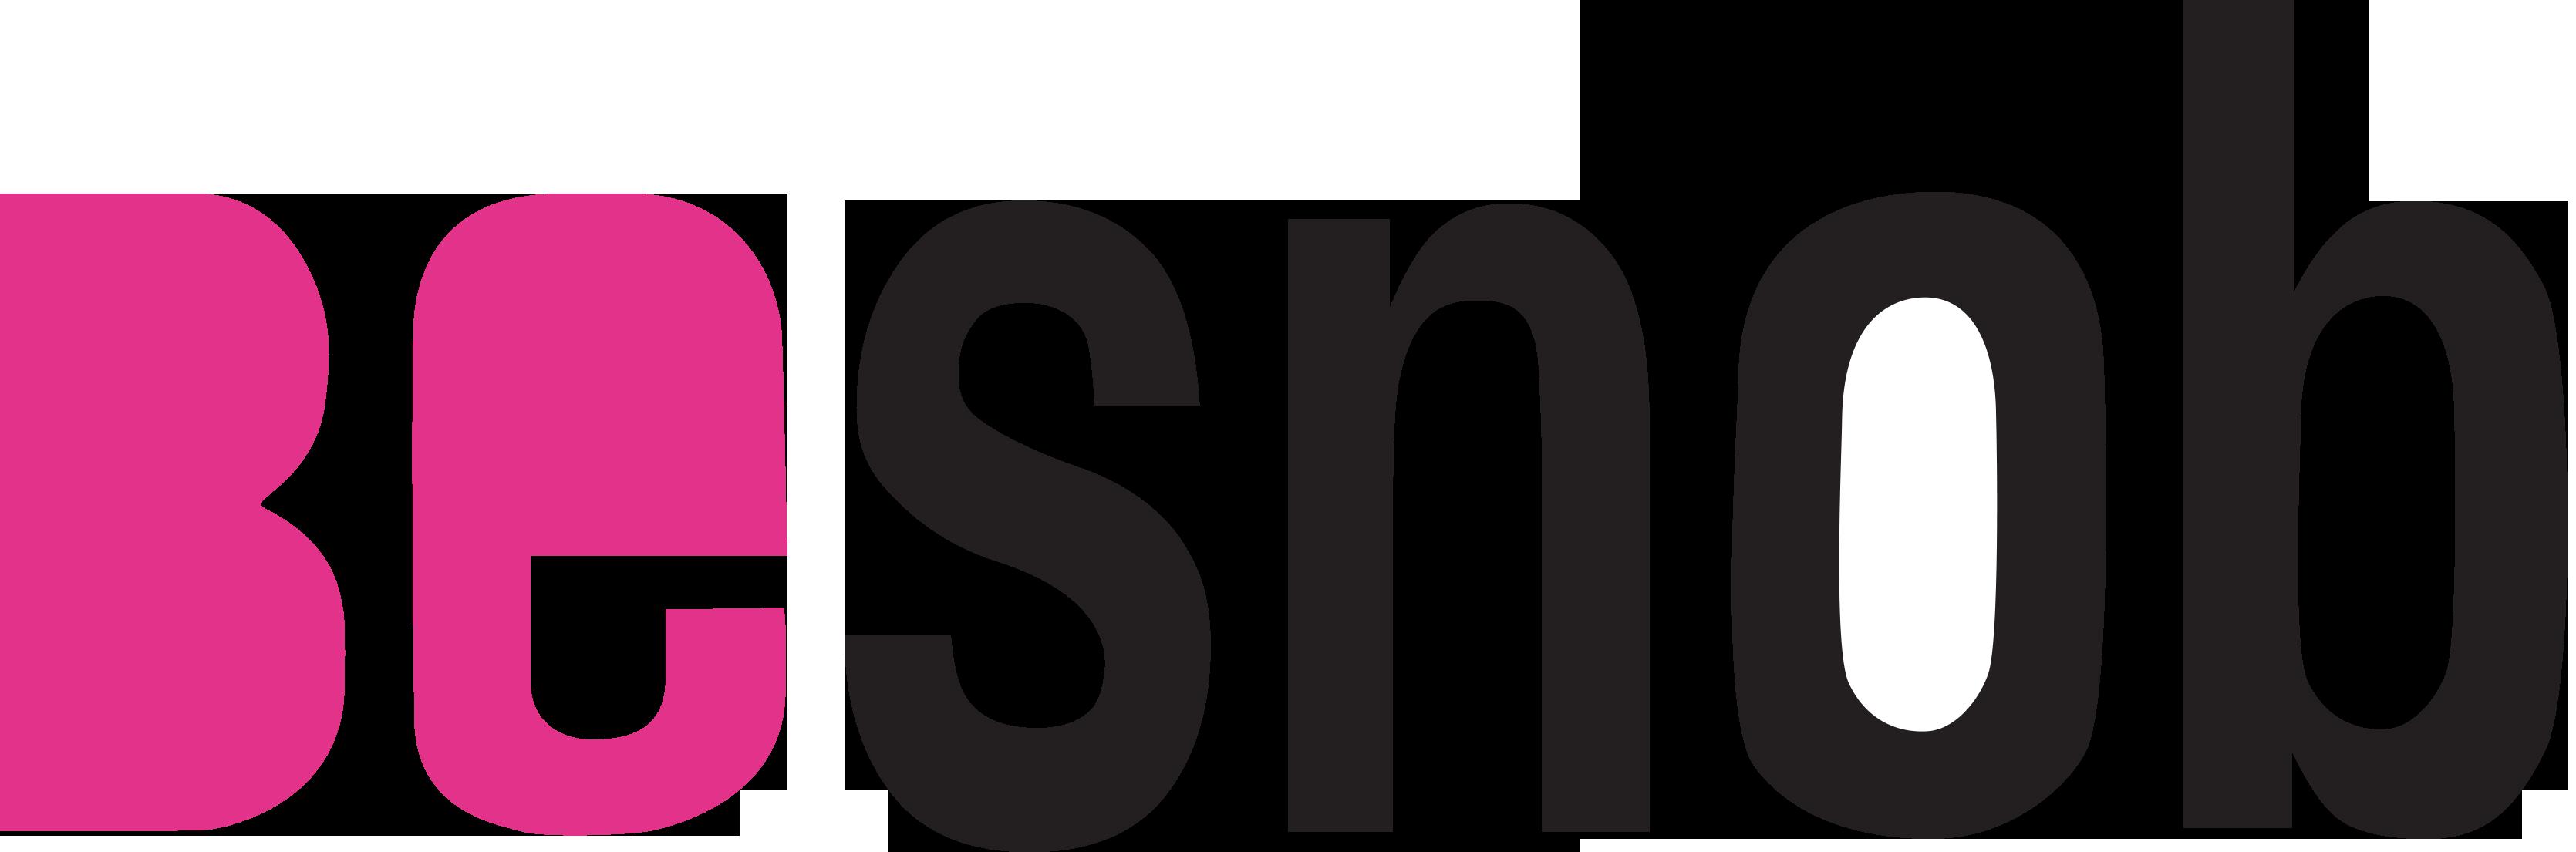 Xxl Magazine Logo Png La presse en parle - O...